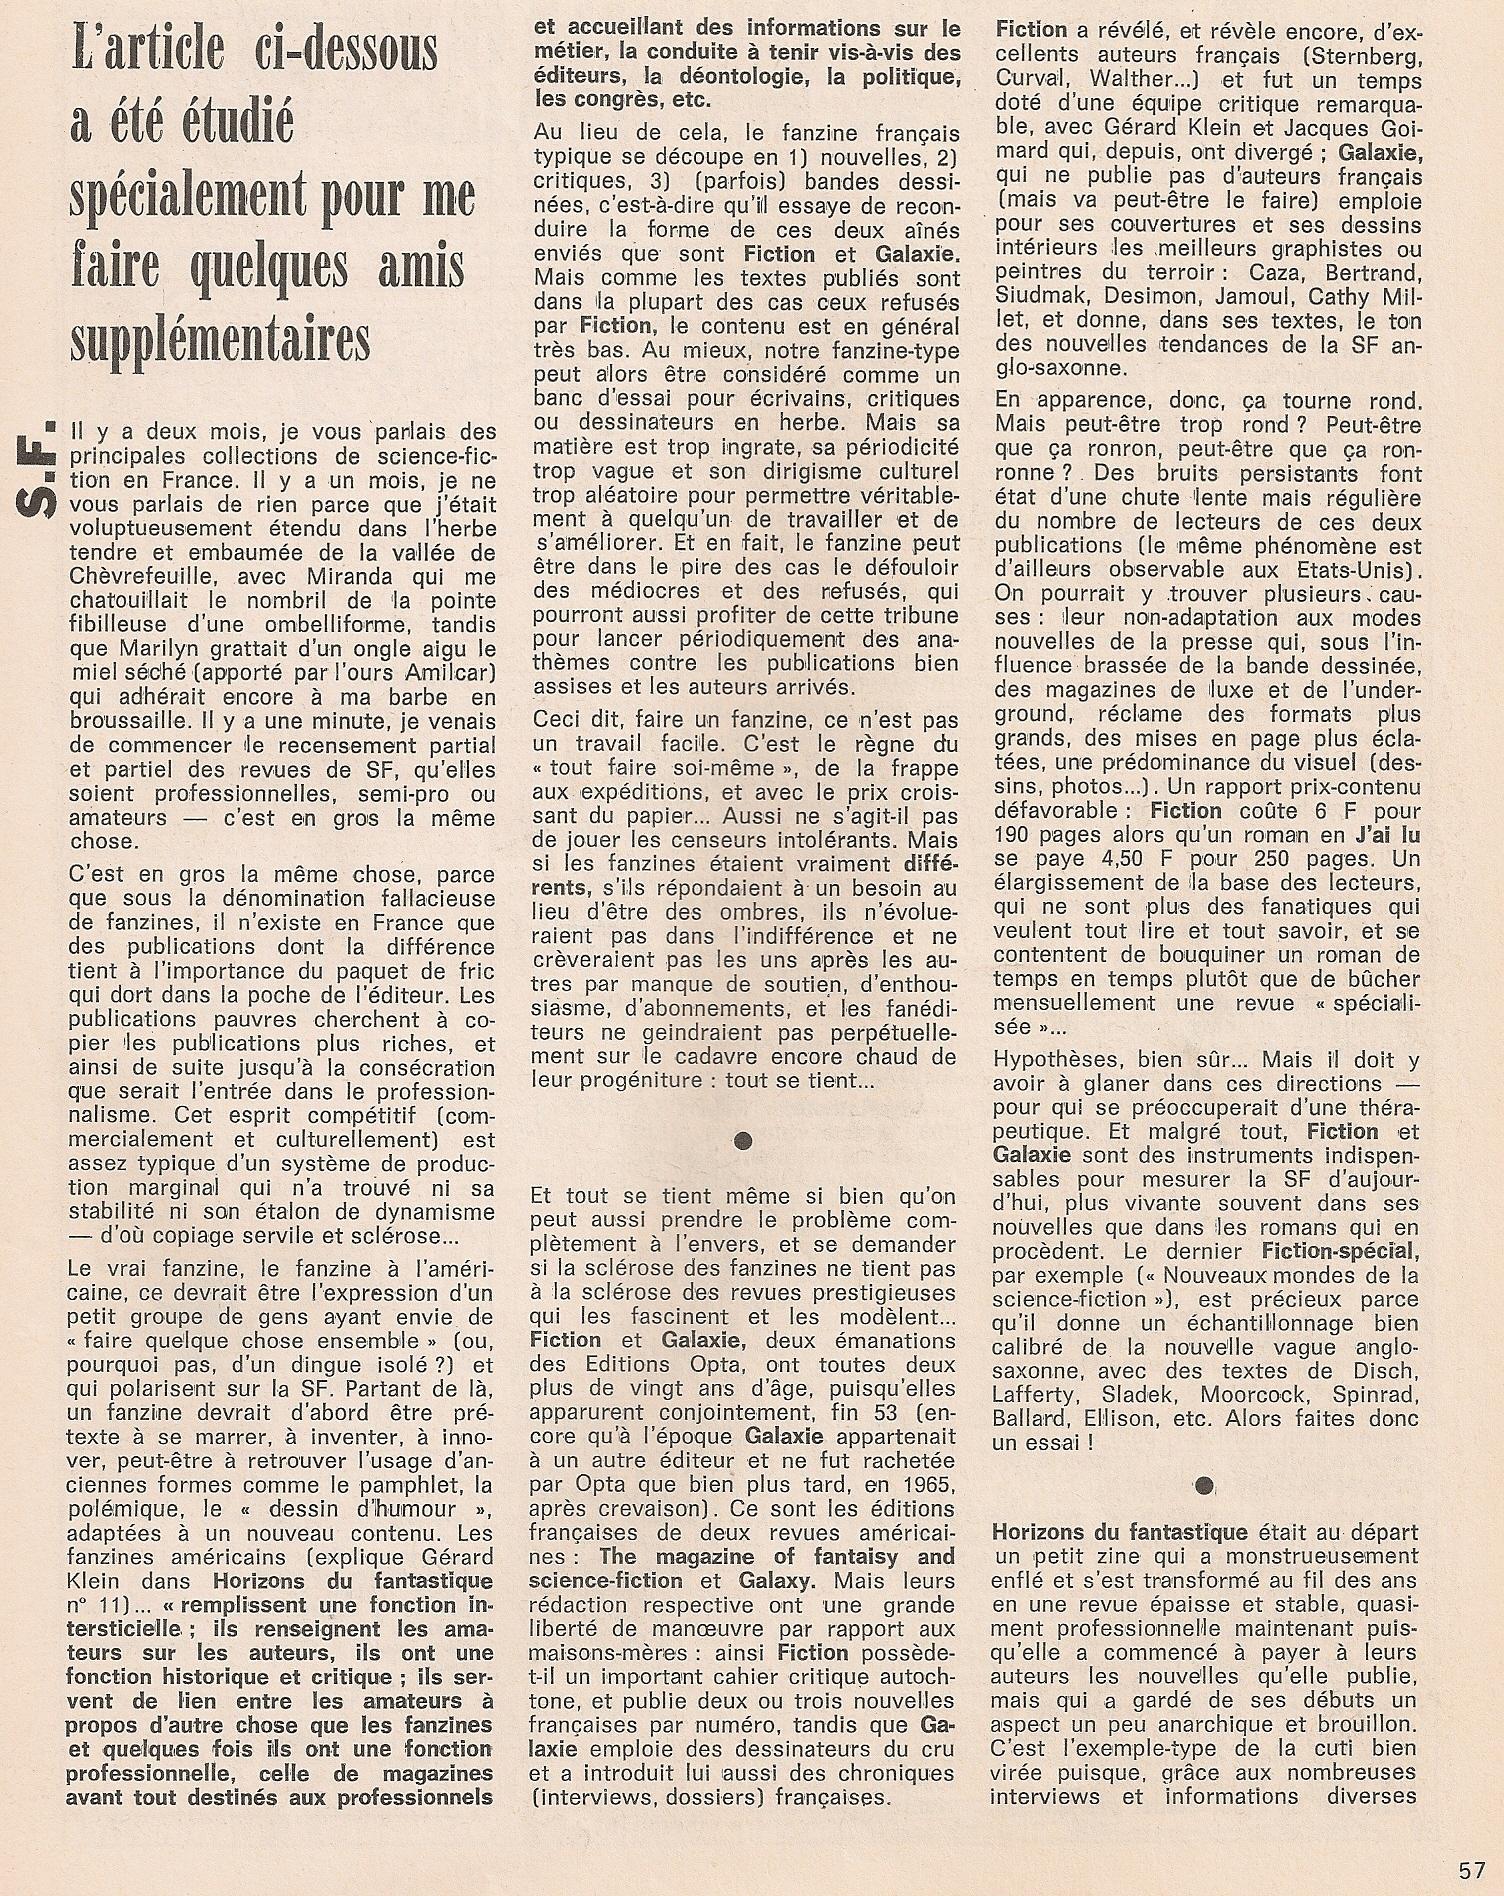 Rubrique Jean-Pierre Andrevon - Charlie n°68 - Septembre 1974